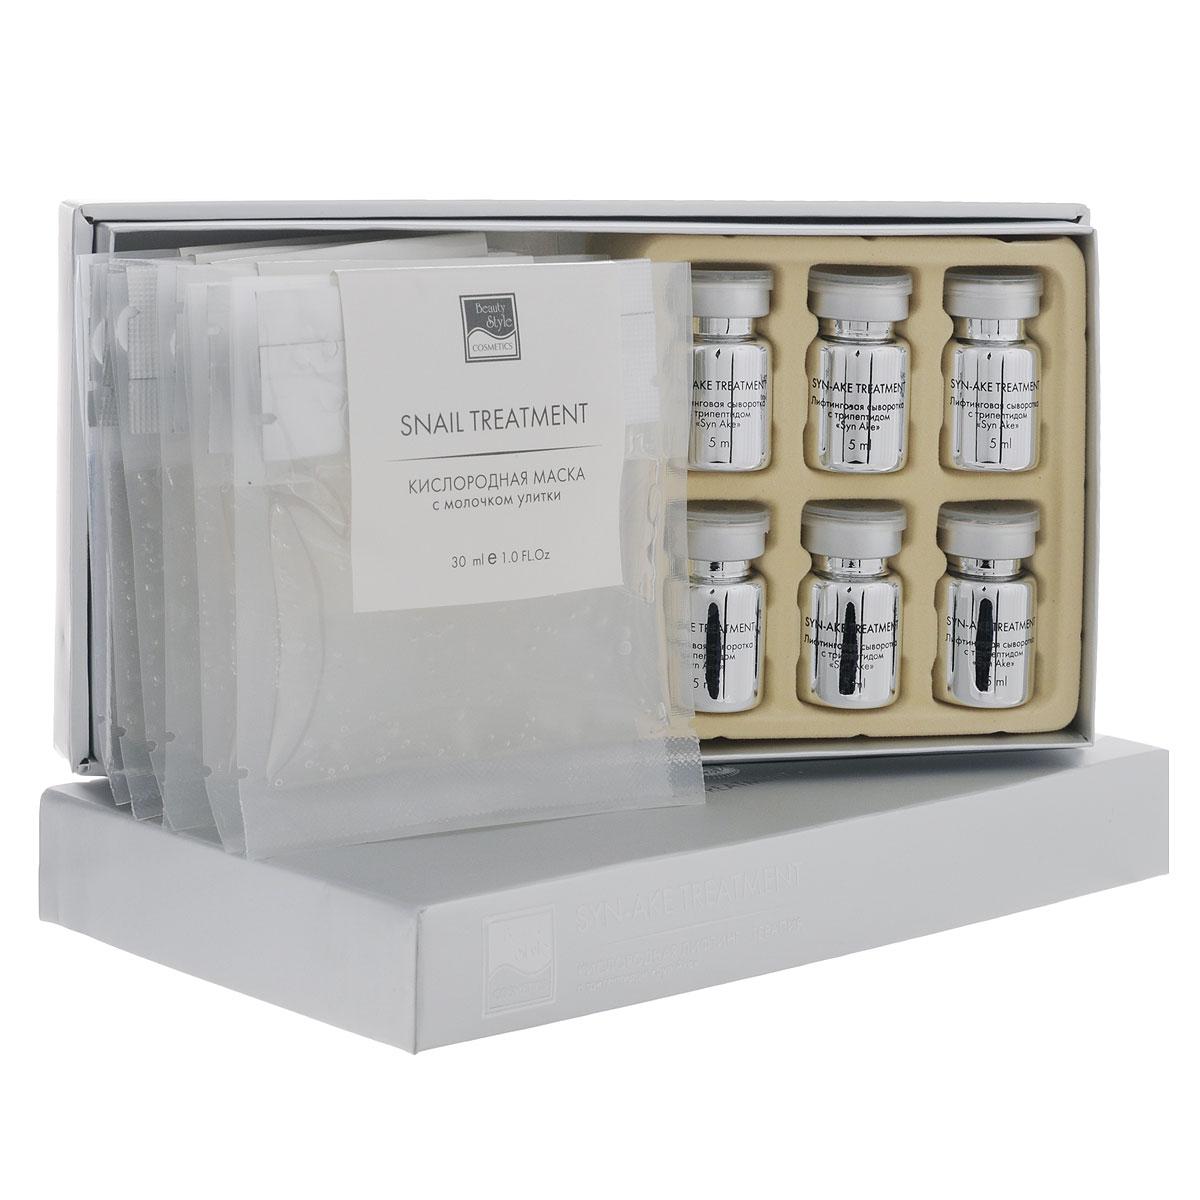 Beauty Style Кислородная лифтинг-терапия Syn-Ake treatment, с молочком улитки4515602В состав набора для кислородной лифтинг-терапии входят: Кислородная маска с молочком улитки Snail Soothing Oxygenation Mask; Лифтинговая сыворотка с трипептидом Syn-Ake Lifting Oxygenation Serum. - Благодаря эксклюзивной формуле, кислородная маска активизирует процессы клеточного дыхания, стимулирует регенерацию и обменные процессы в клетках кожи, активизирует синтез коллагена и эластина. Маска не только насыщает влагой, но и оказывает успокаивающее действие, смягчает кожу, стимулирует процессы регенерации. Улучшает цвет лица и повышает тонус кожи, стимулирует процессы дыхания клеток, нейтрализует свободные радикалы, замедляя процессы старения. Входящие в состав аминокислоты кератина, стволовые клетки опунции, пантенол и гиалуронат натрия обеспечивают оптимальный уровень увлажненности кожи, тонизируют, замедляют процессы старения, делают её гладкой и нежной. - Сыворотка содержит инновационный компонент - пептидный комплекс Syn-Ake,...